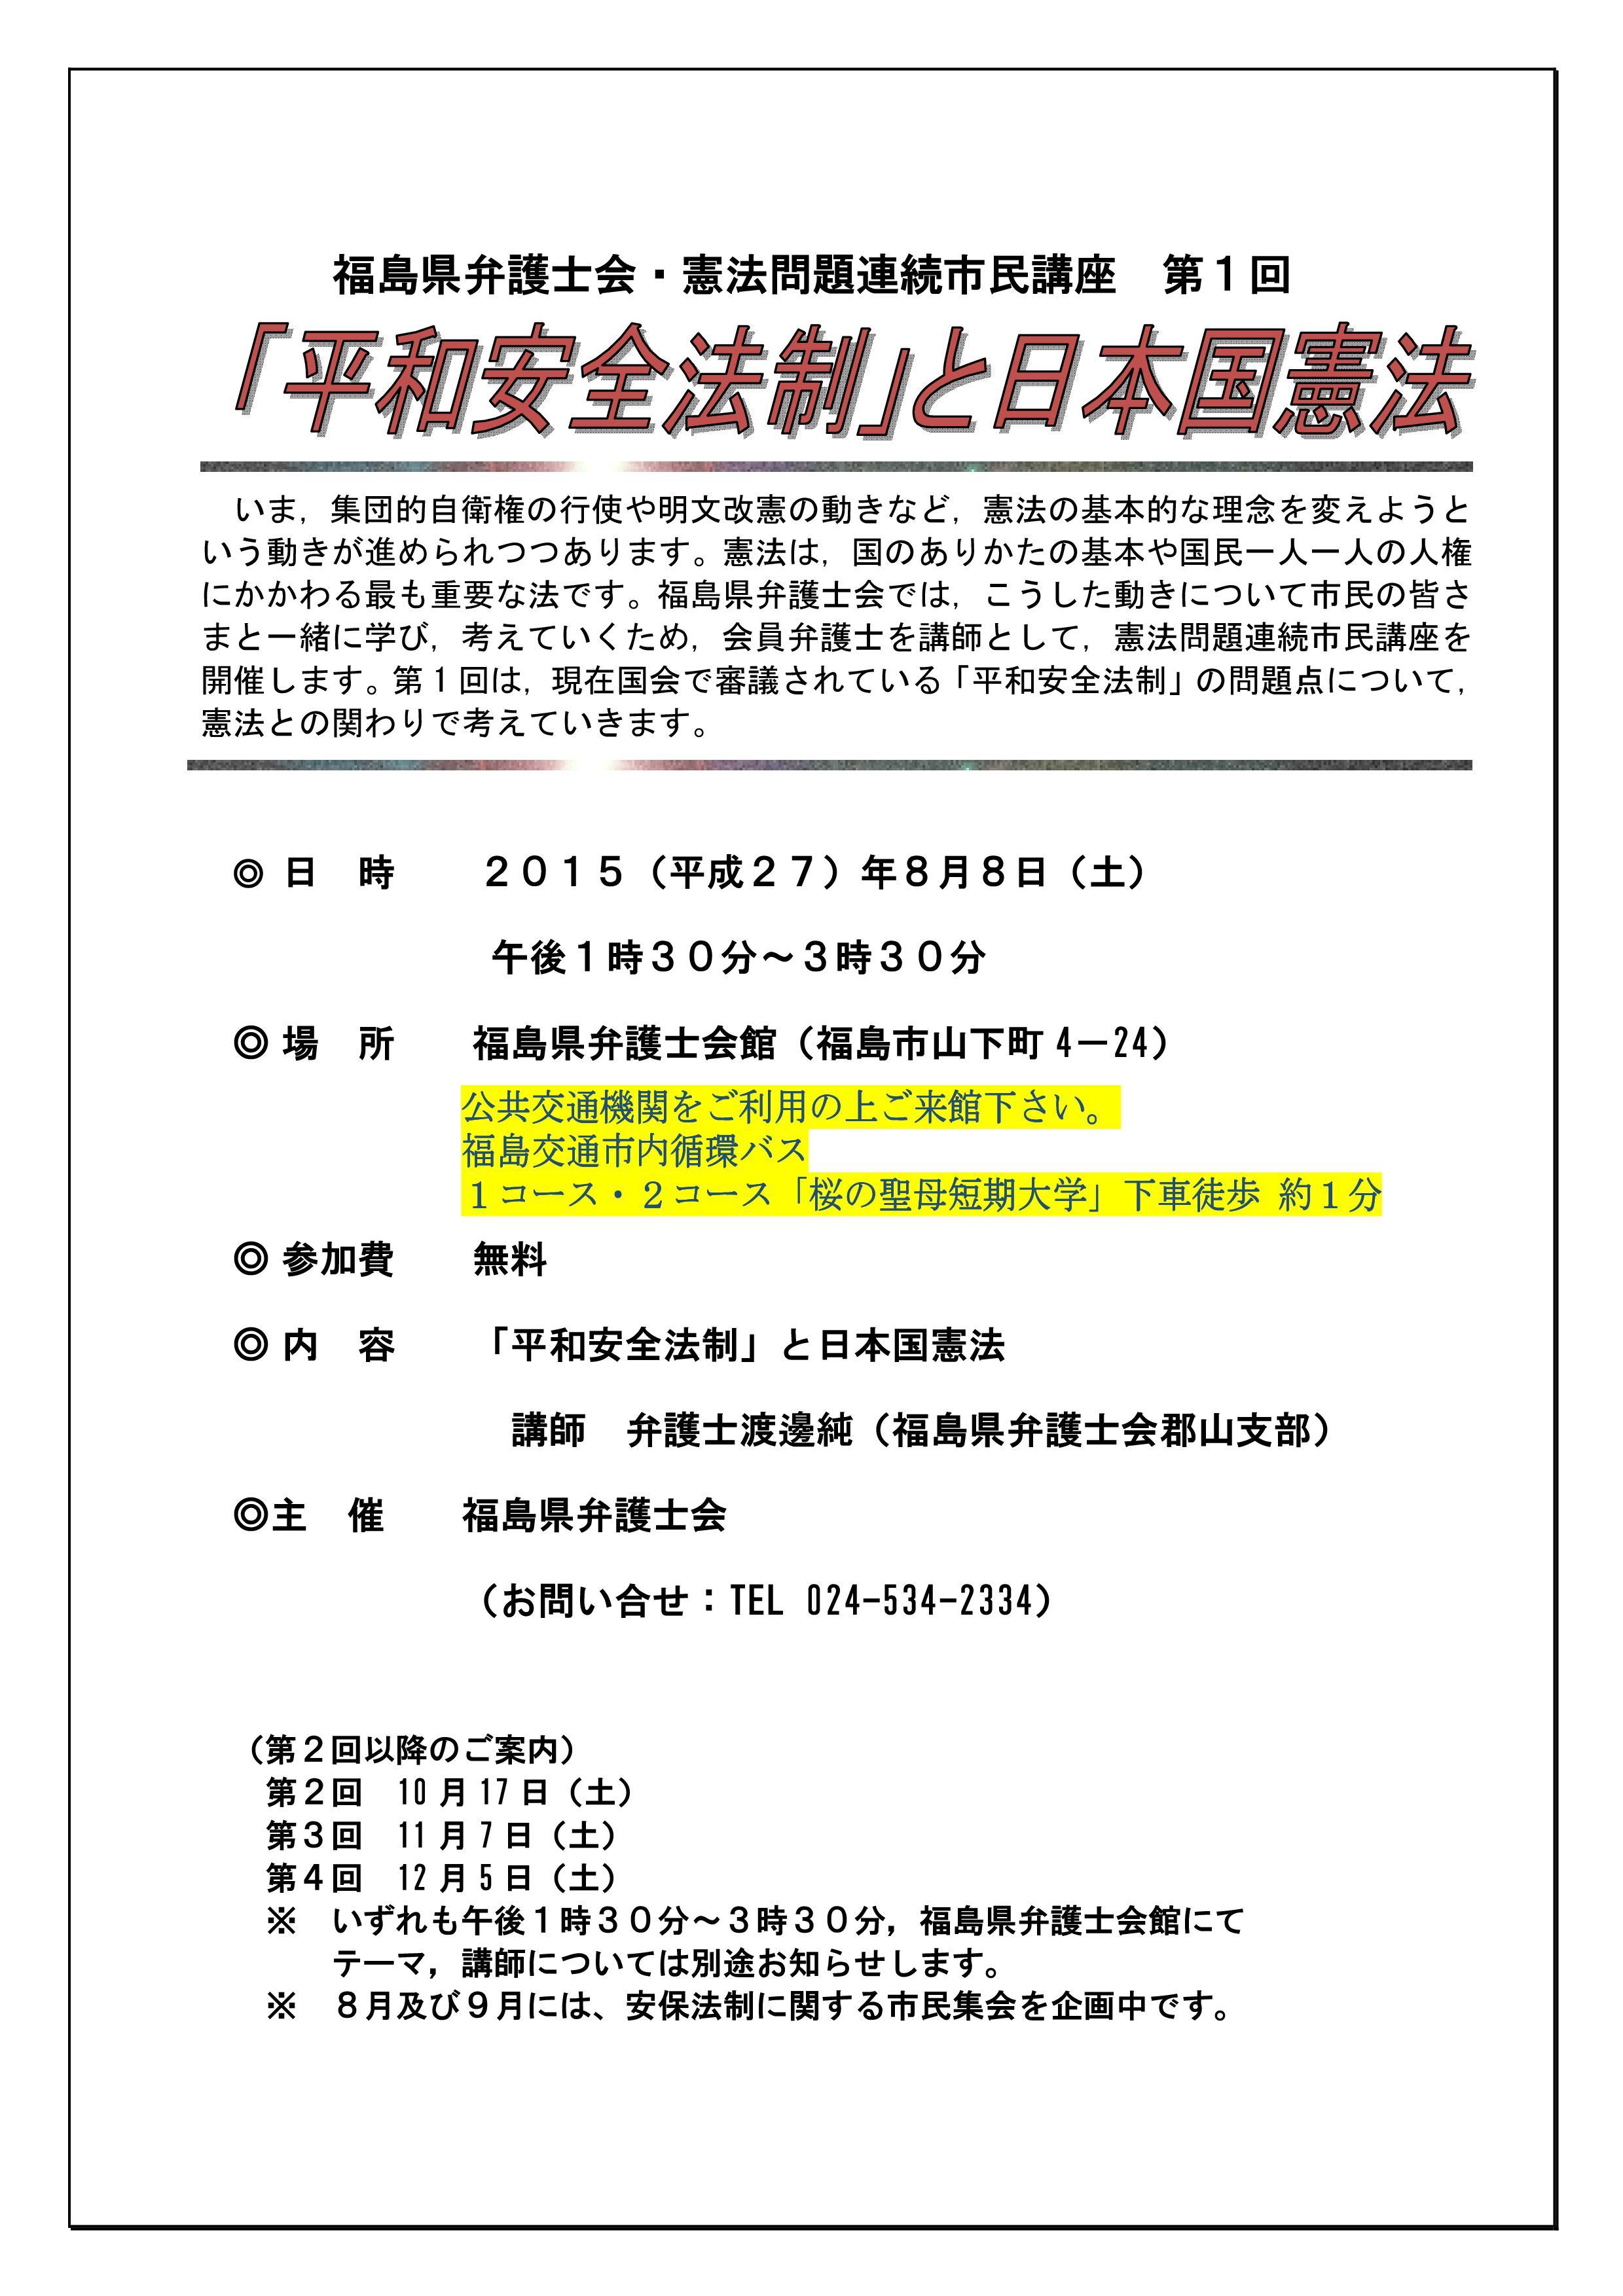 Microsoft Word - 憲法問題連続市民講座・チラシ(事務局修正)